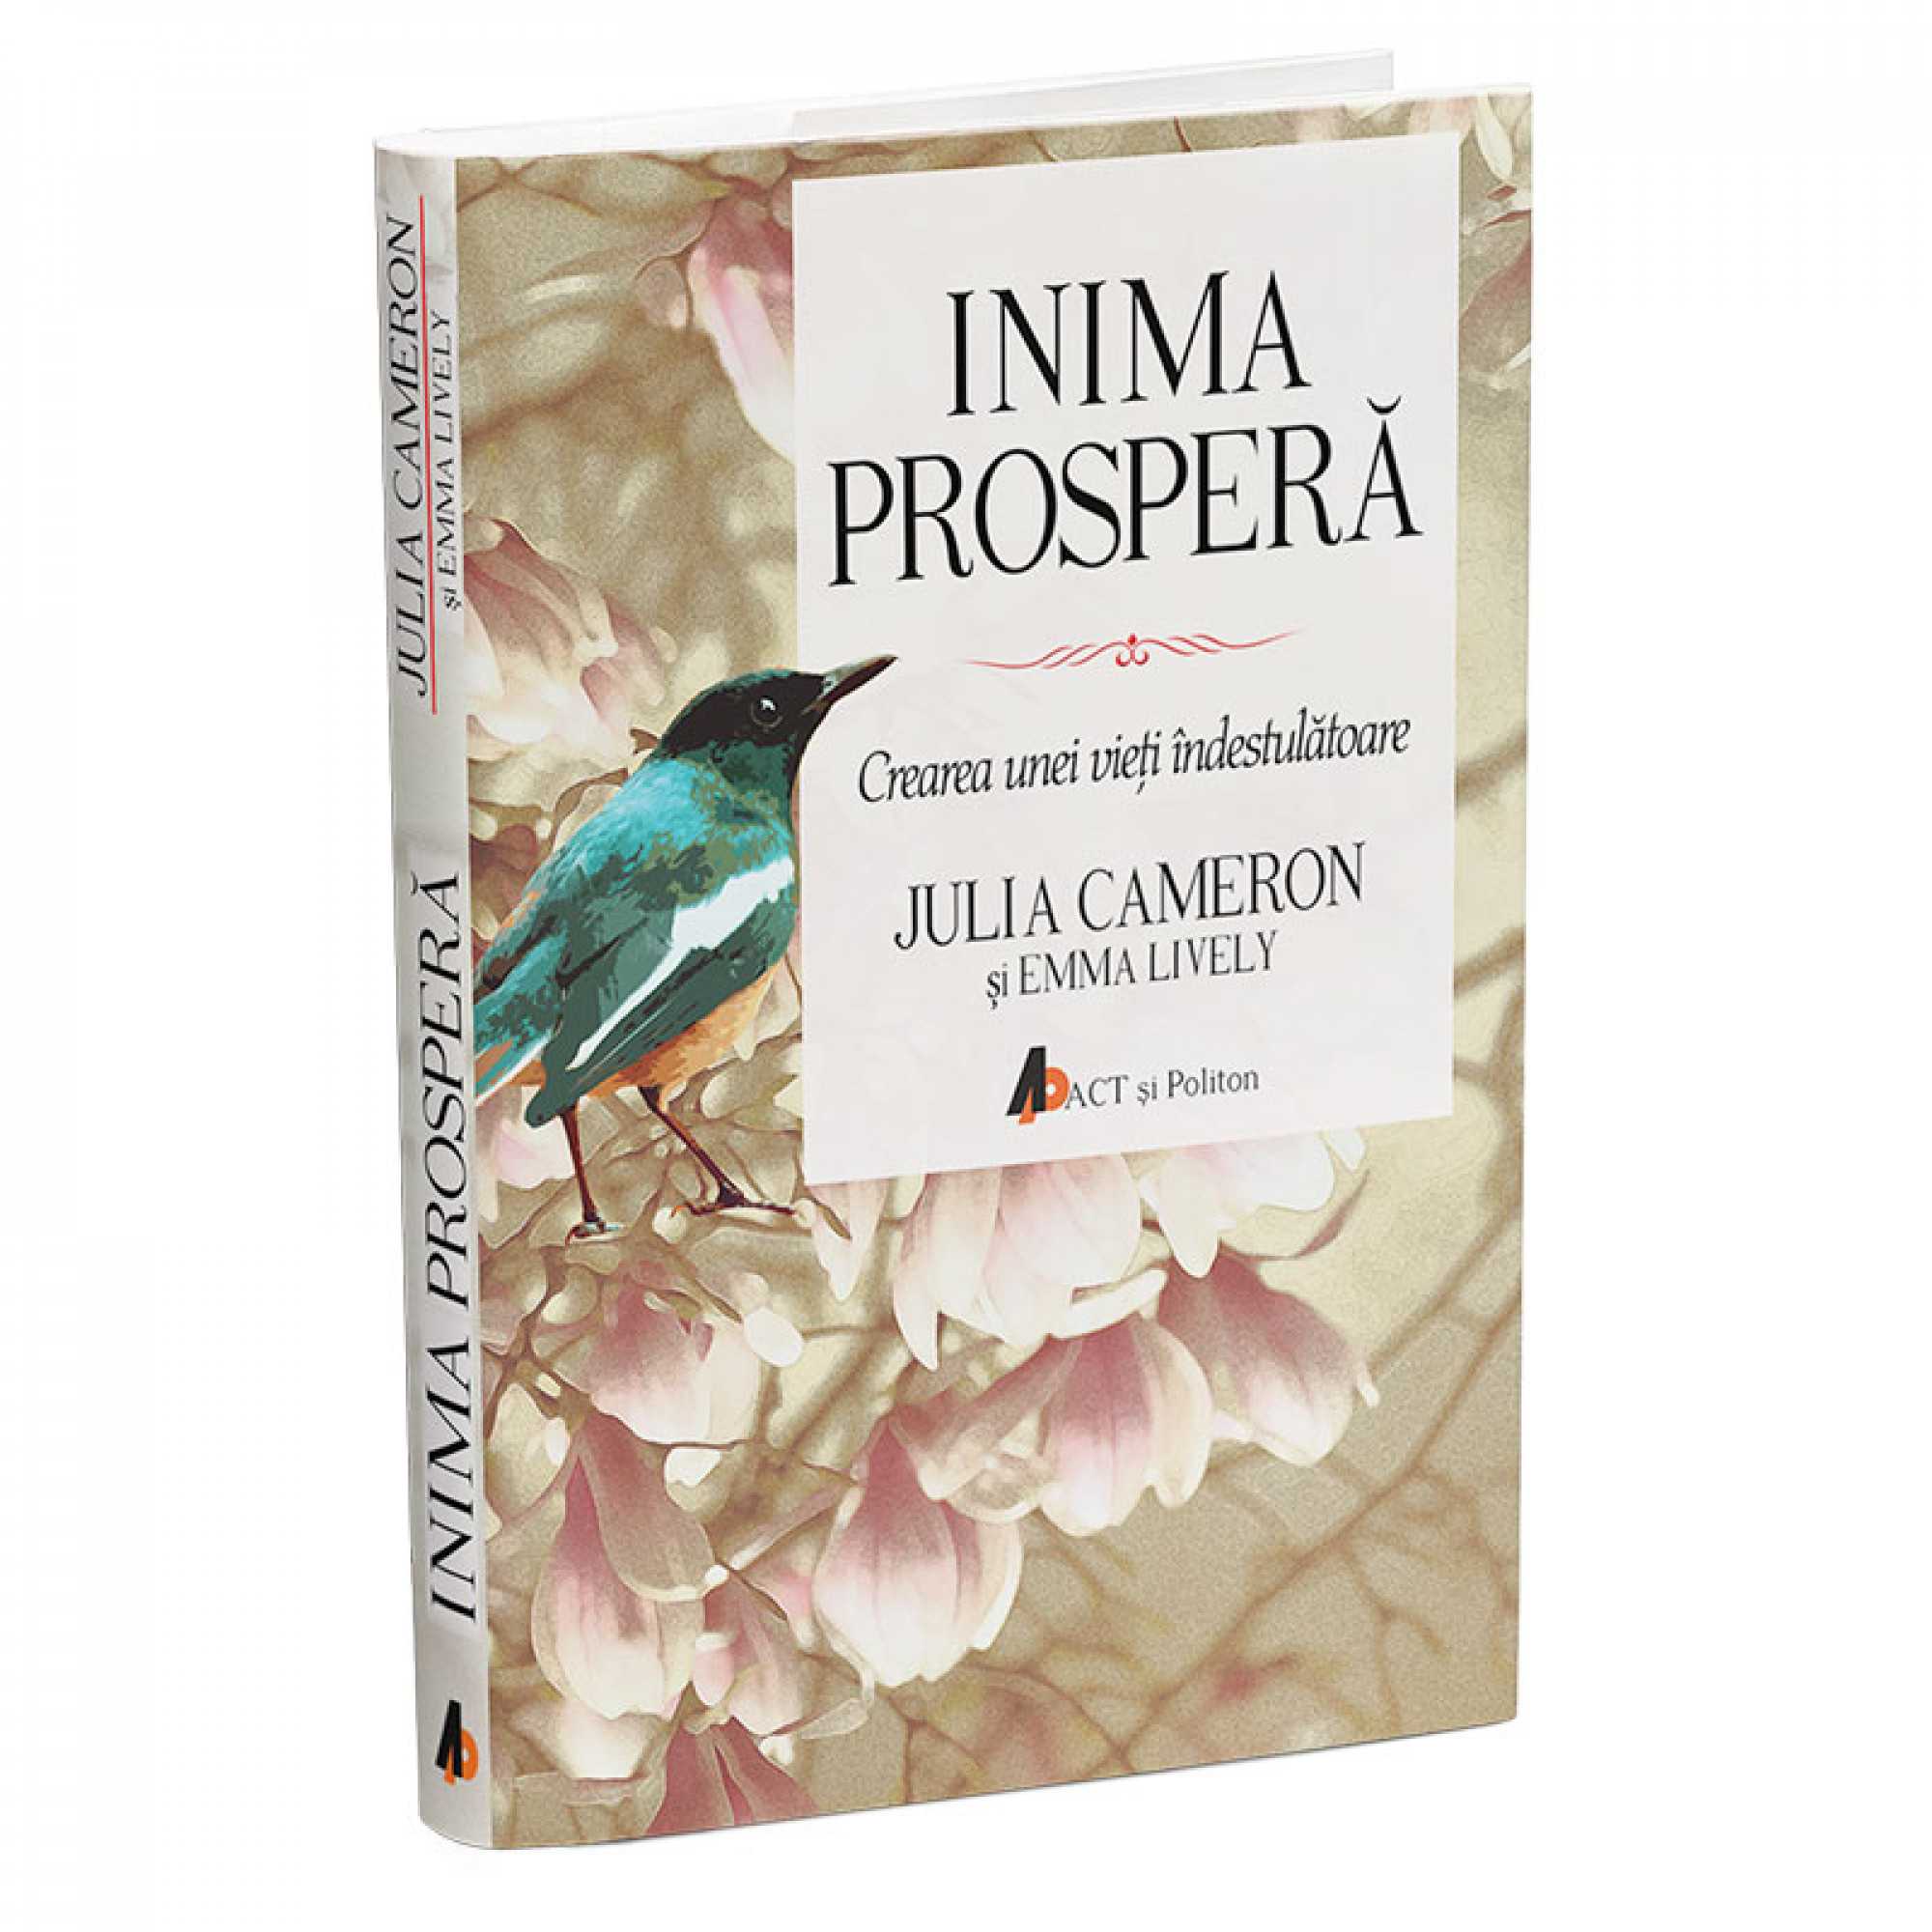 Inima prosperă; Julia Cameron; Emma Lively